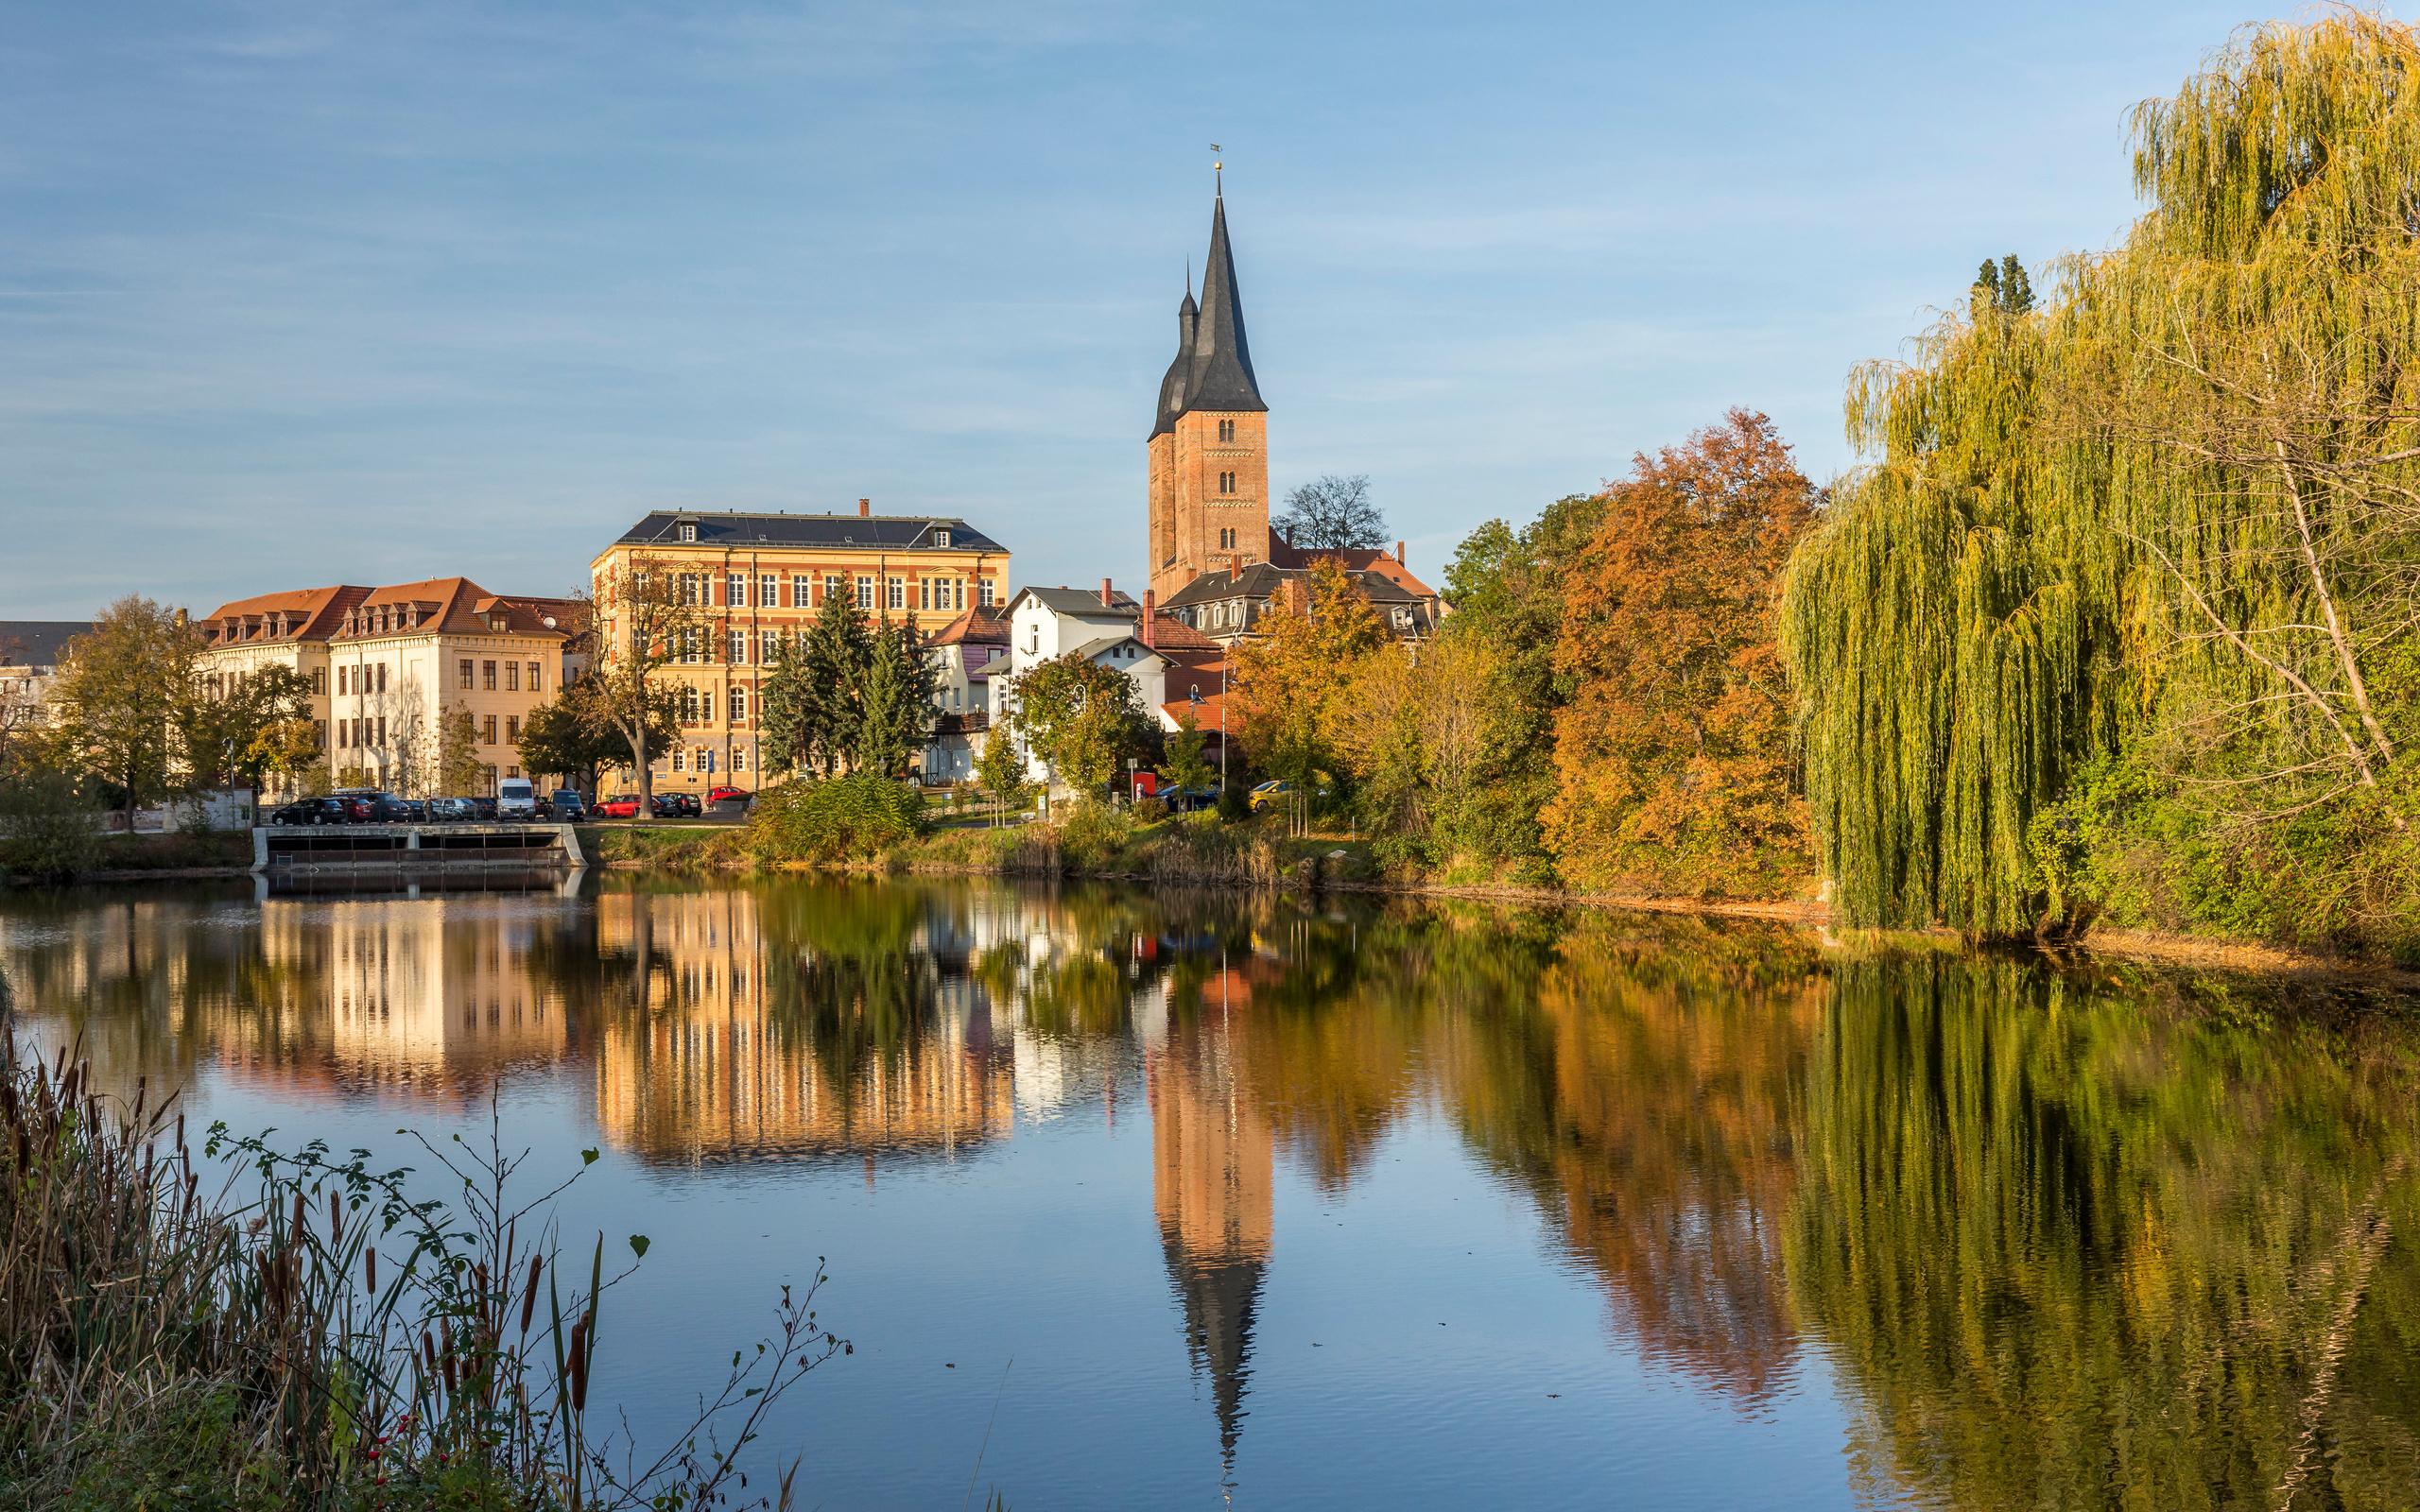 германия, дома, altenburg, отражение, город